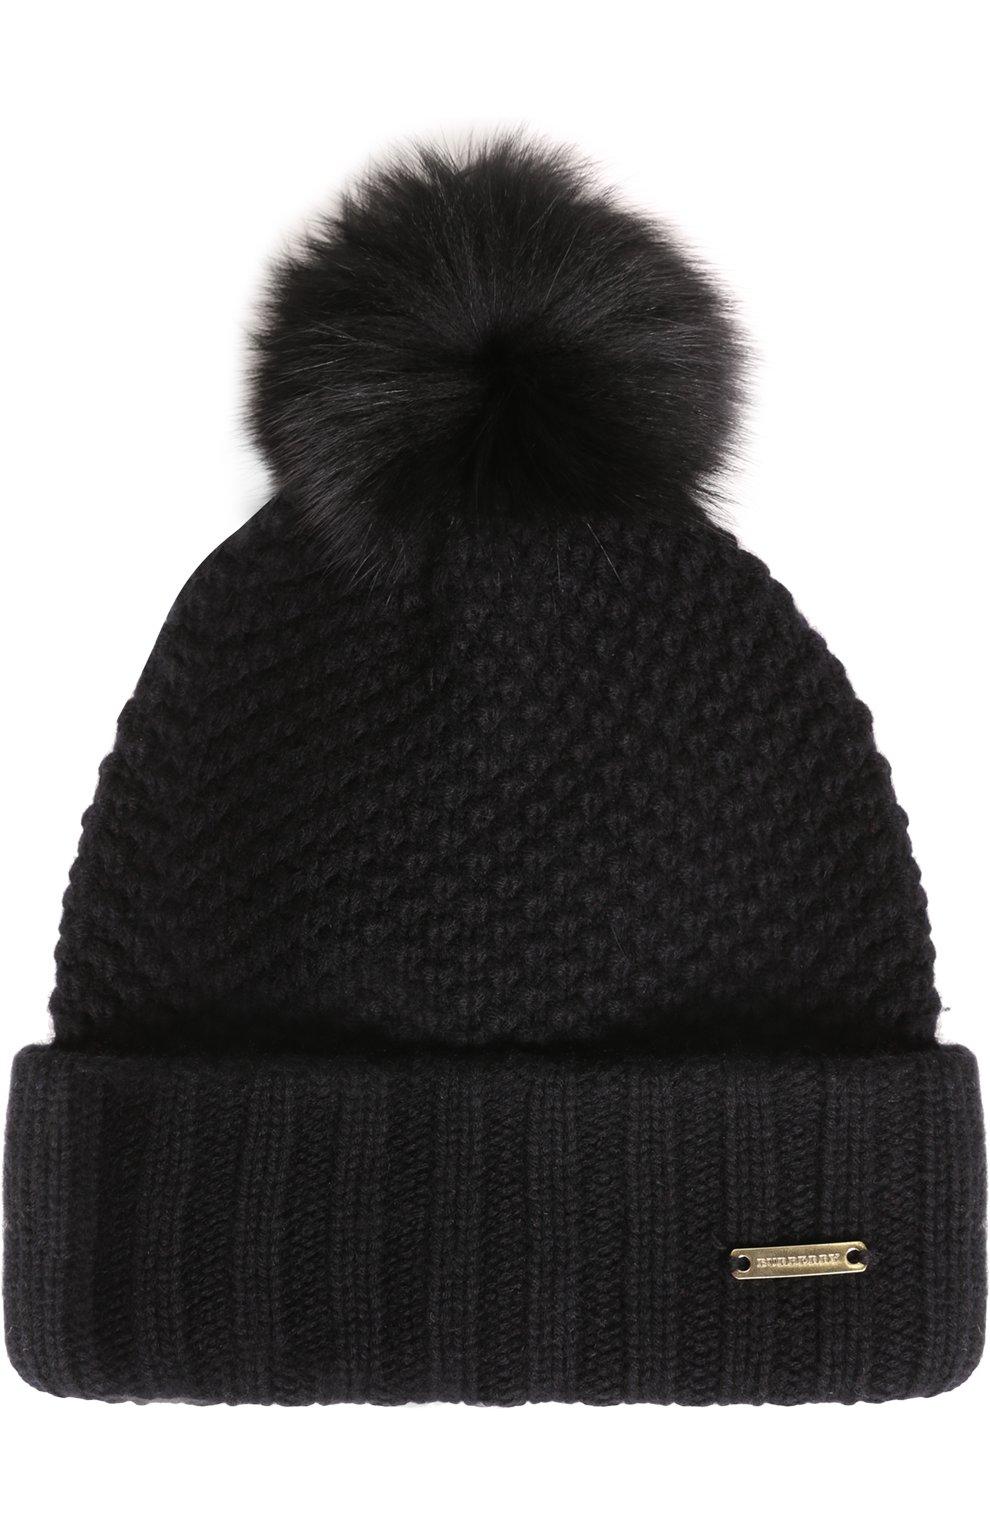 Burberry Fox Fur Pompom Black Beanie